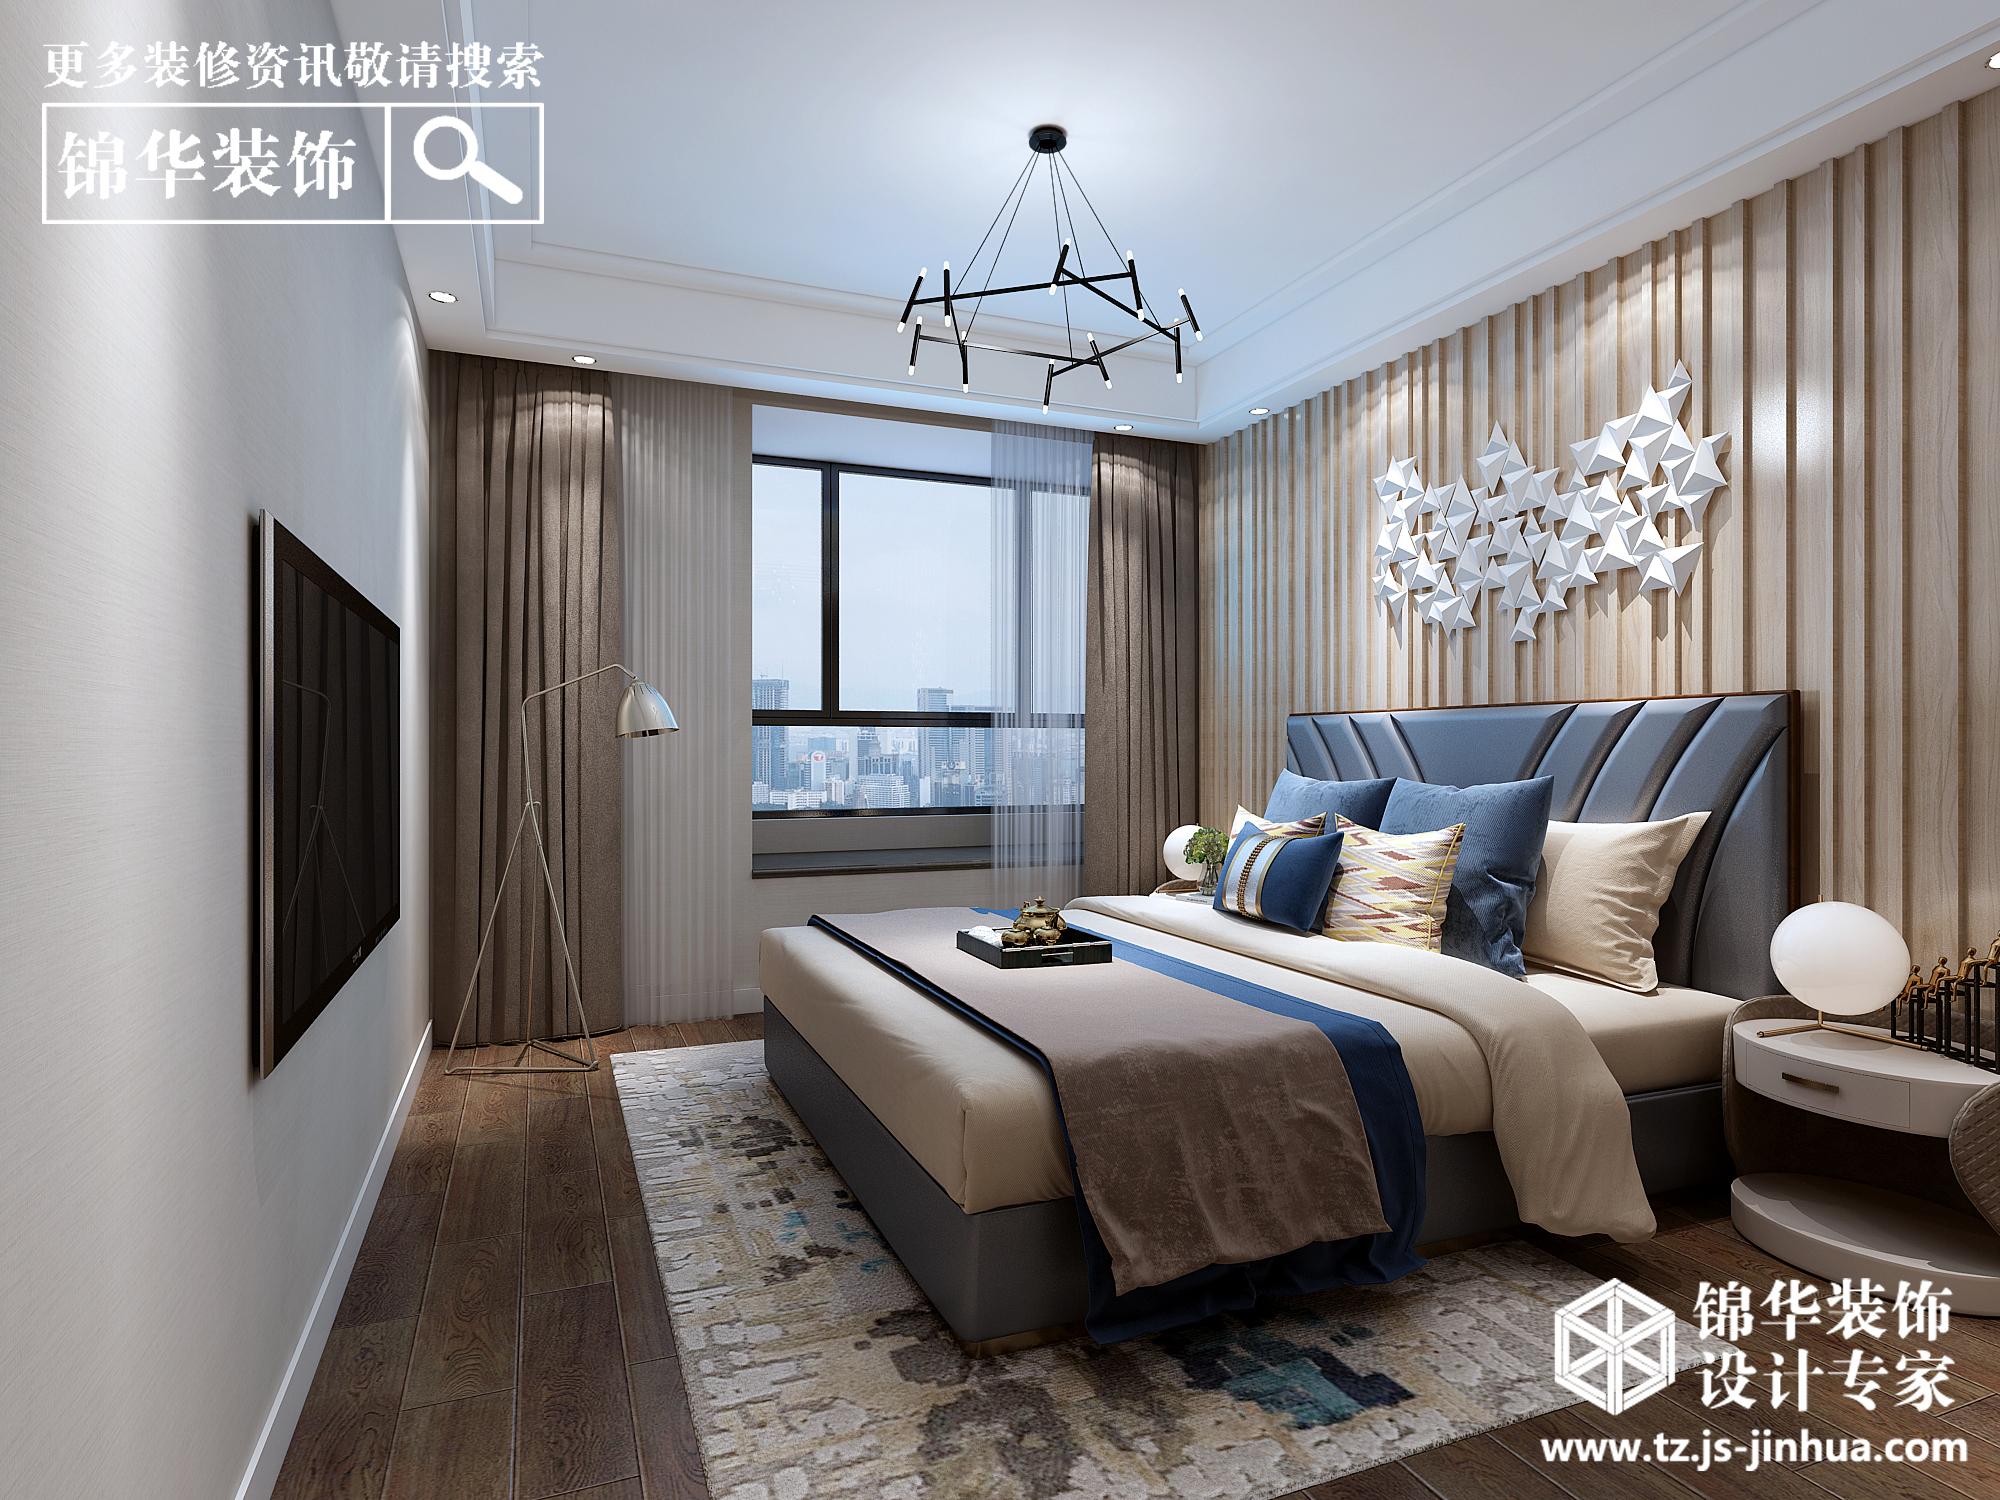 现代简约-中天清华园-三室两厅两卫-147平米-全案造价26.6万